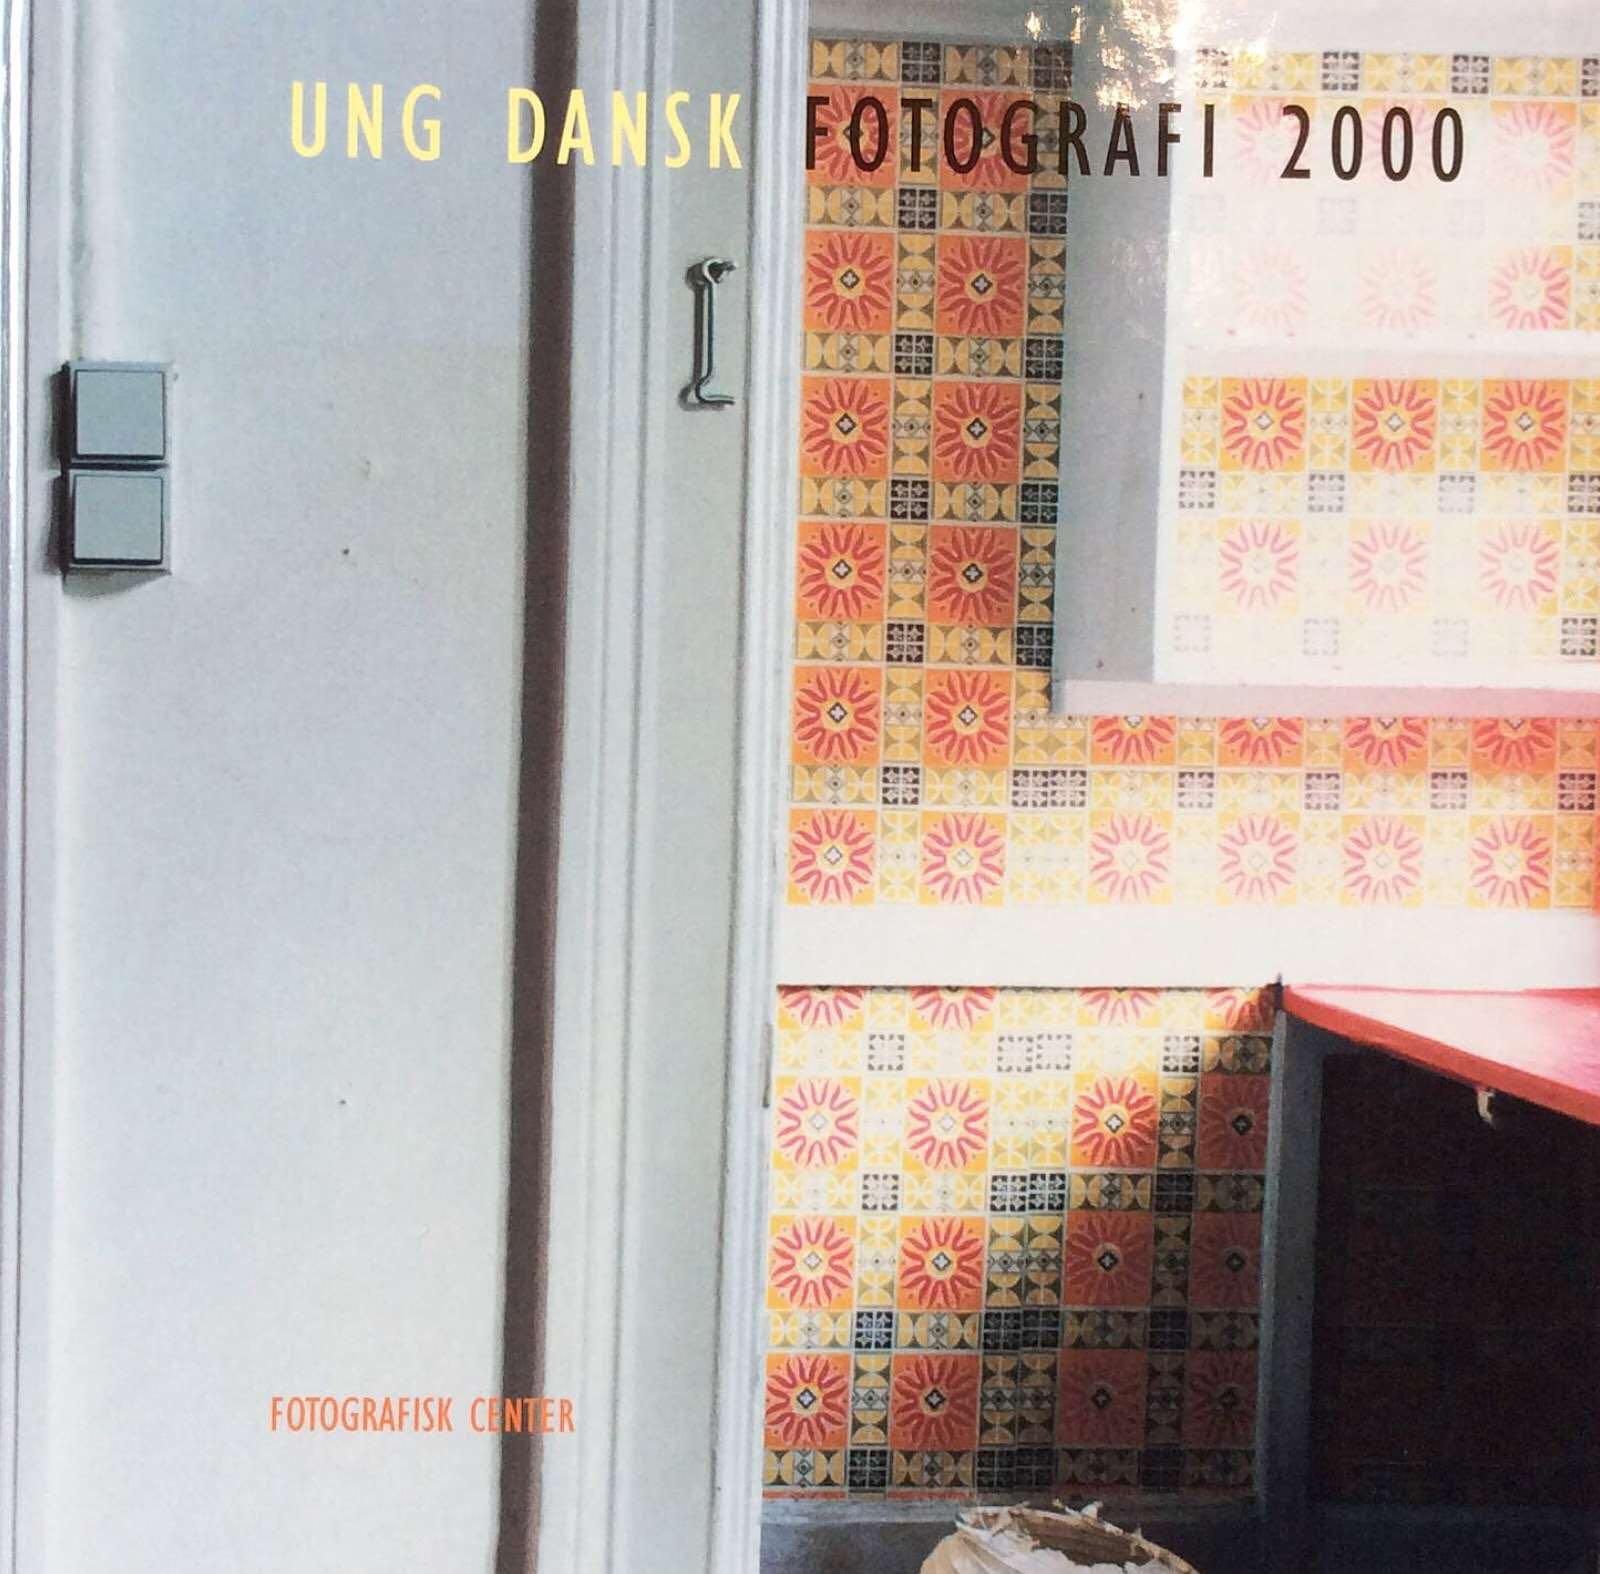 Ung dansk fotografi 2000